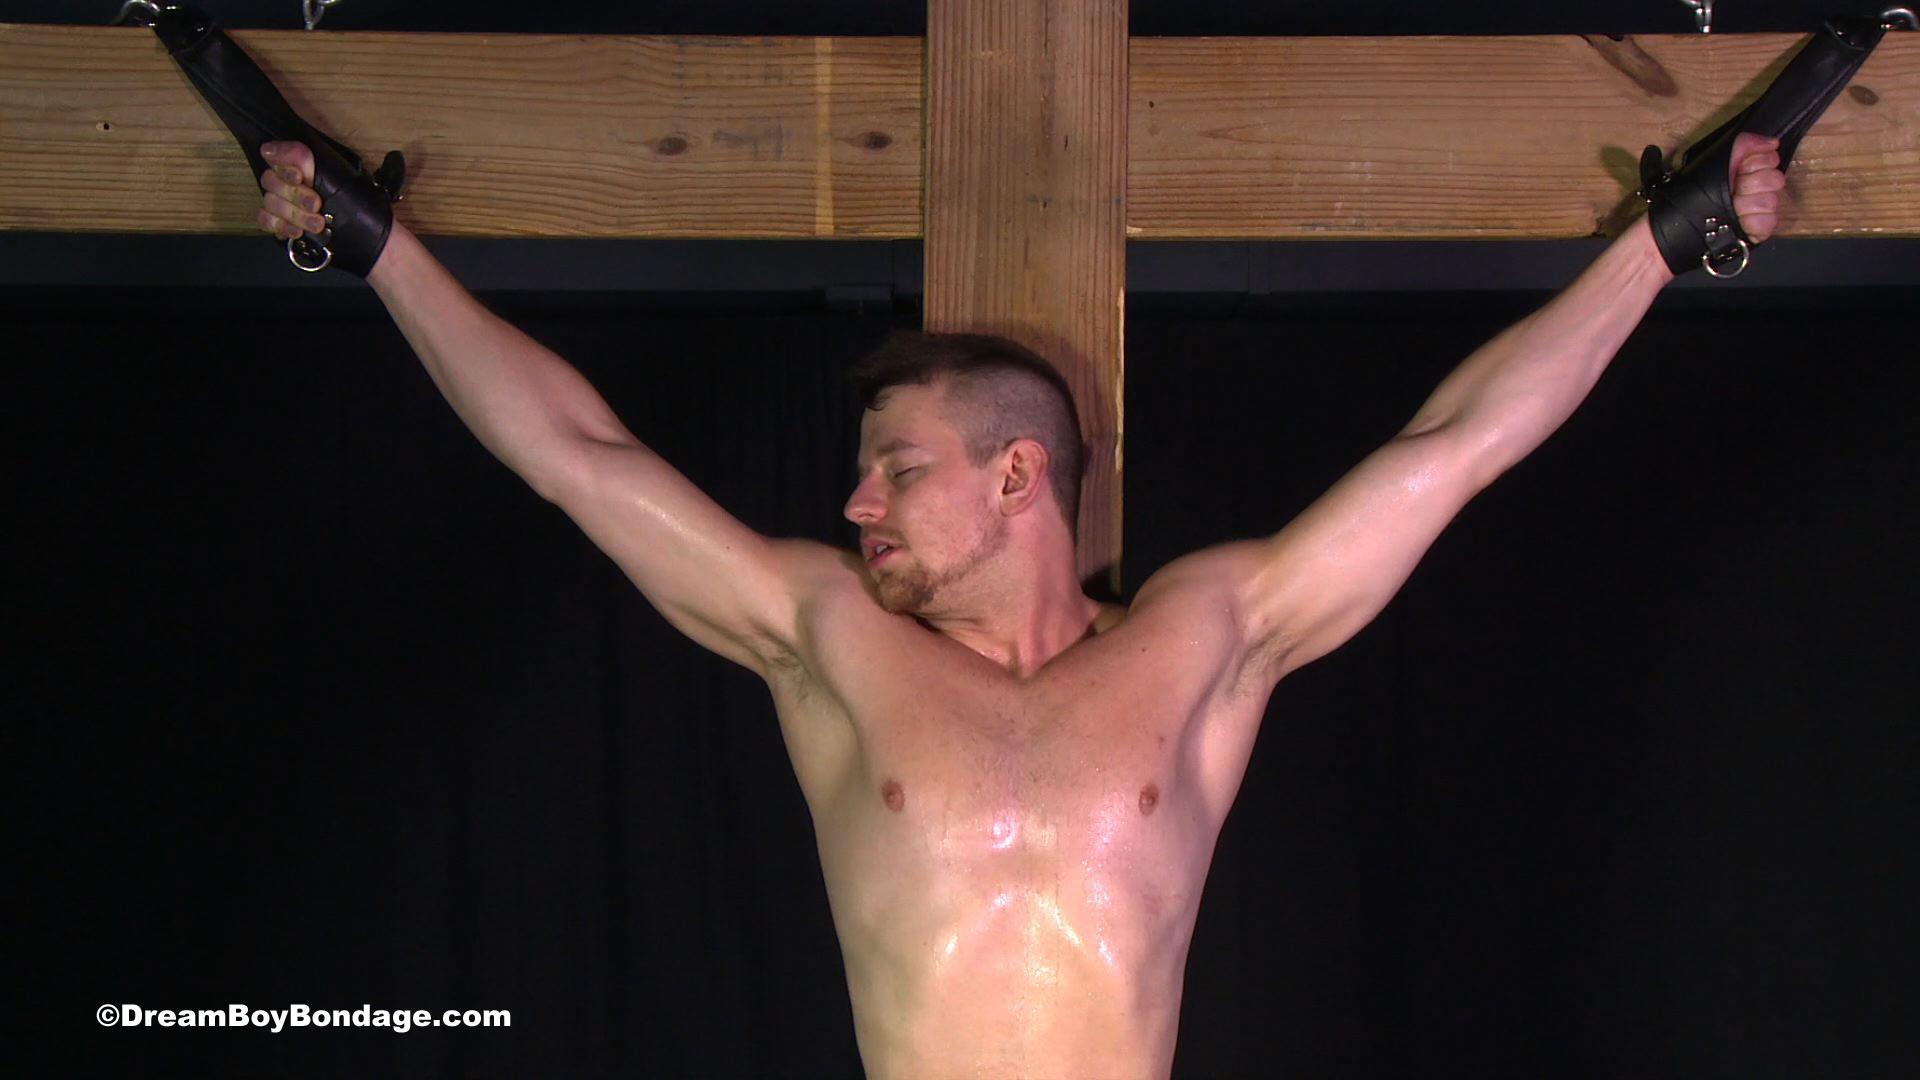 Crucifixion bondage apologise, but